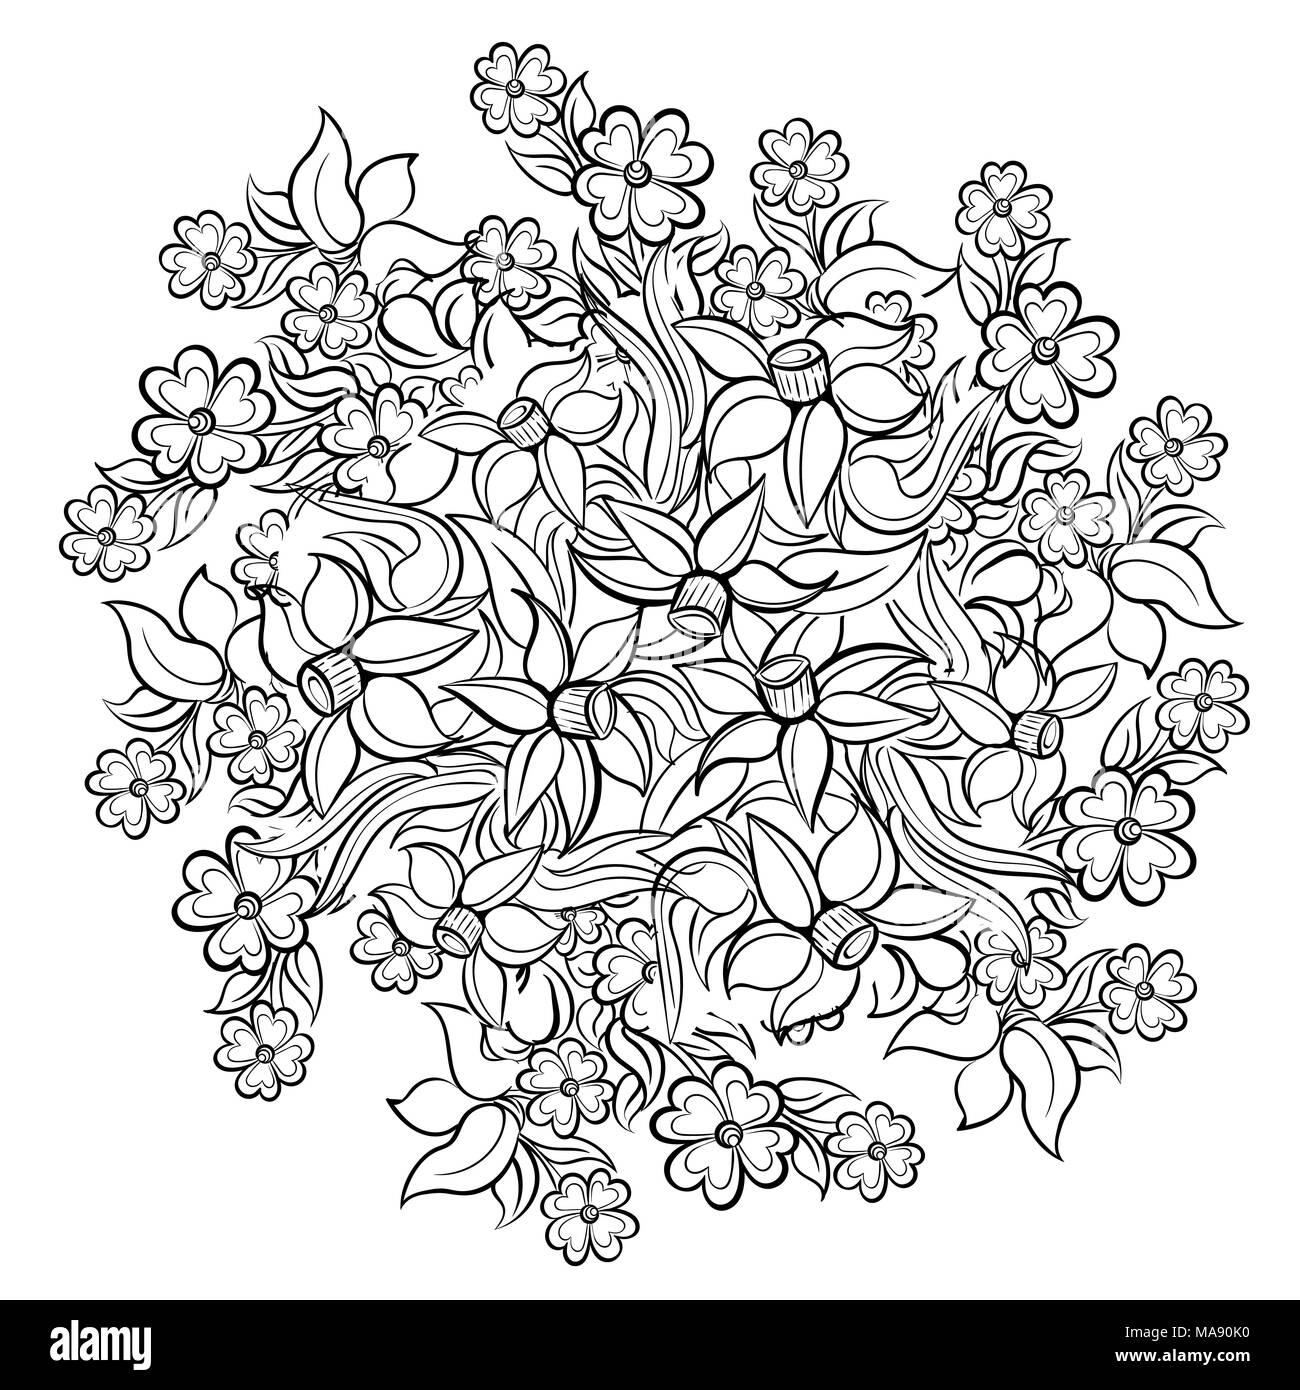 Elementos Florales Y Hojas Para Colorear Coloración Anti